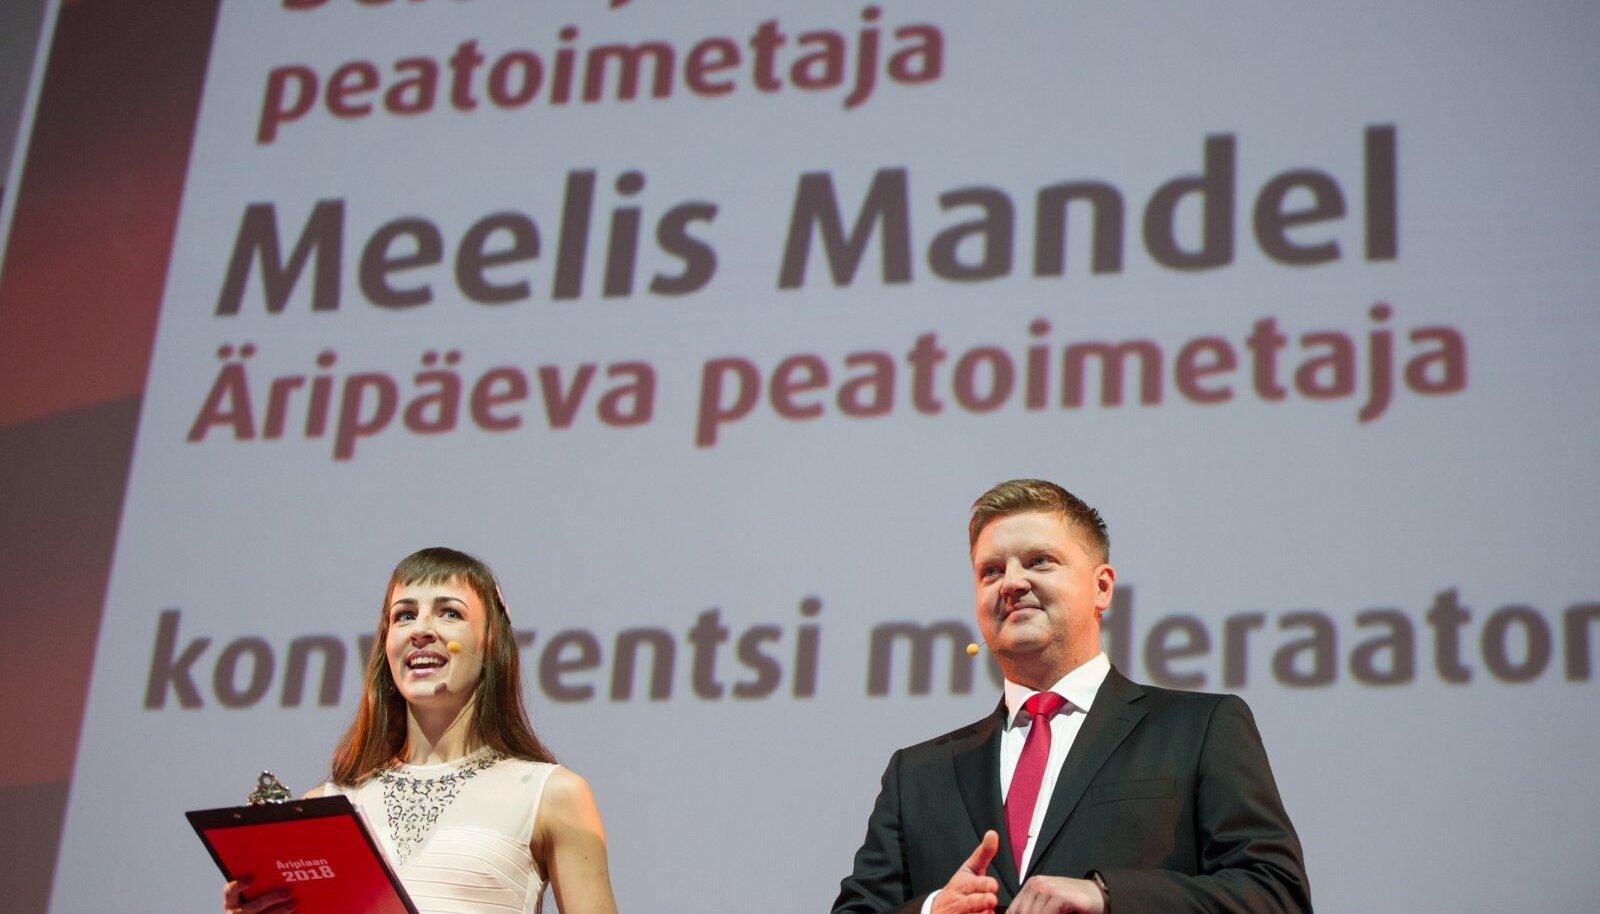 Delovõje Vedomosti toonane peatoimetaja Alyona Stadnik ja Äripäeva peatoimetaja Meelis Mandel Äriplaanil 2018. aastal.